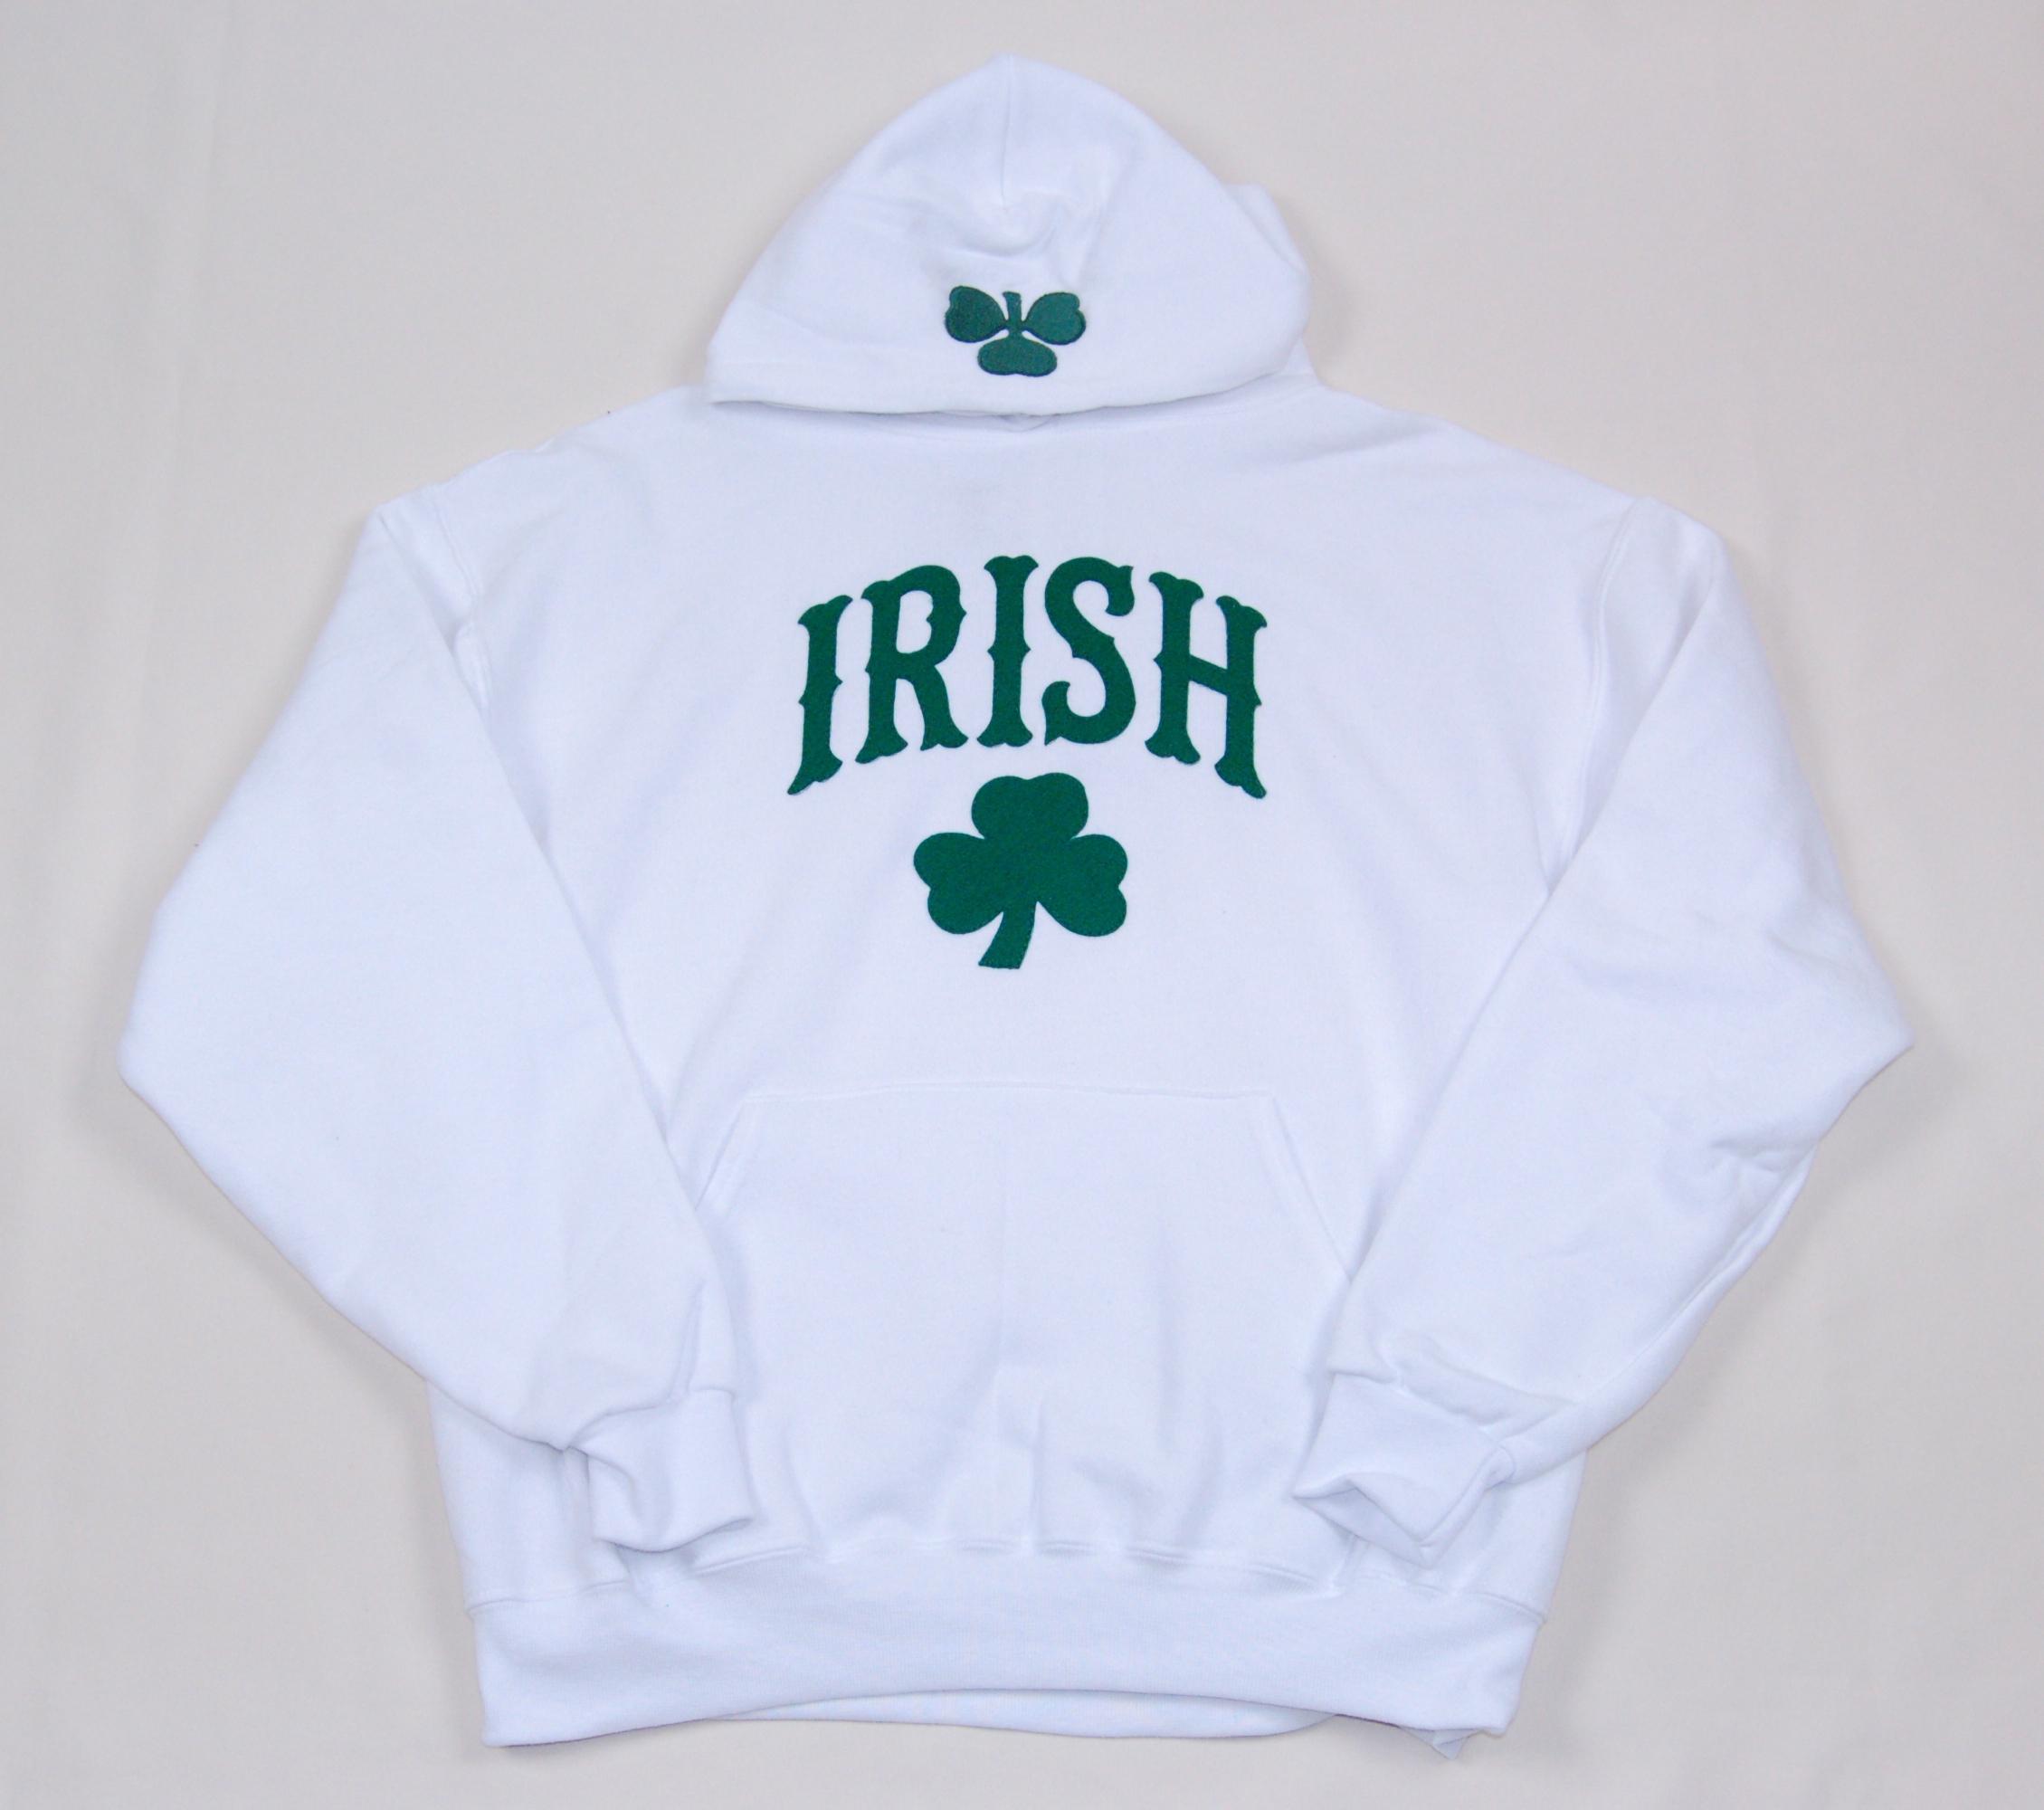 Irish Hoodie white3.JPG